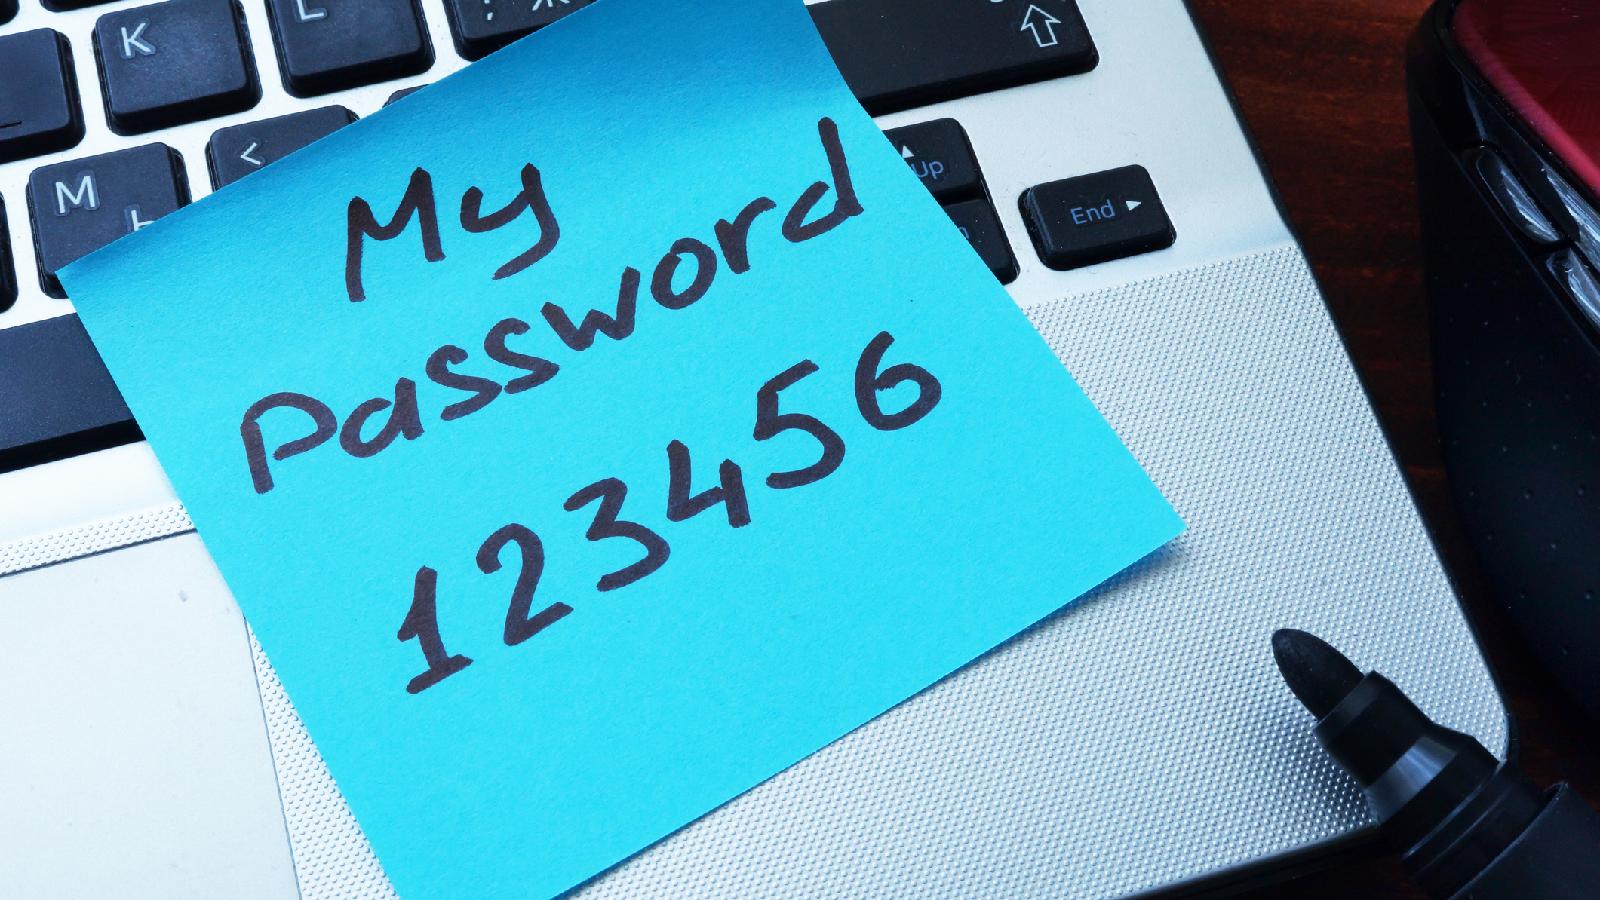 Das sind schlechte Passwörter